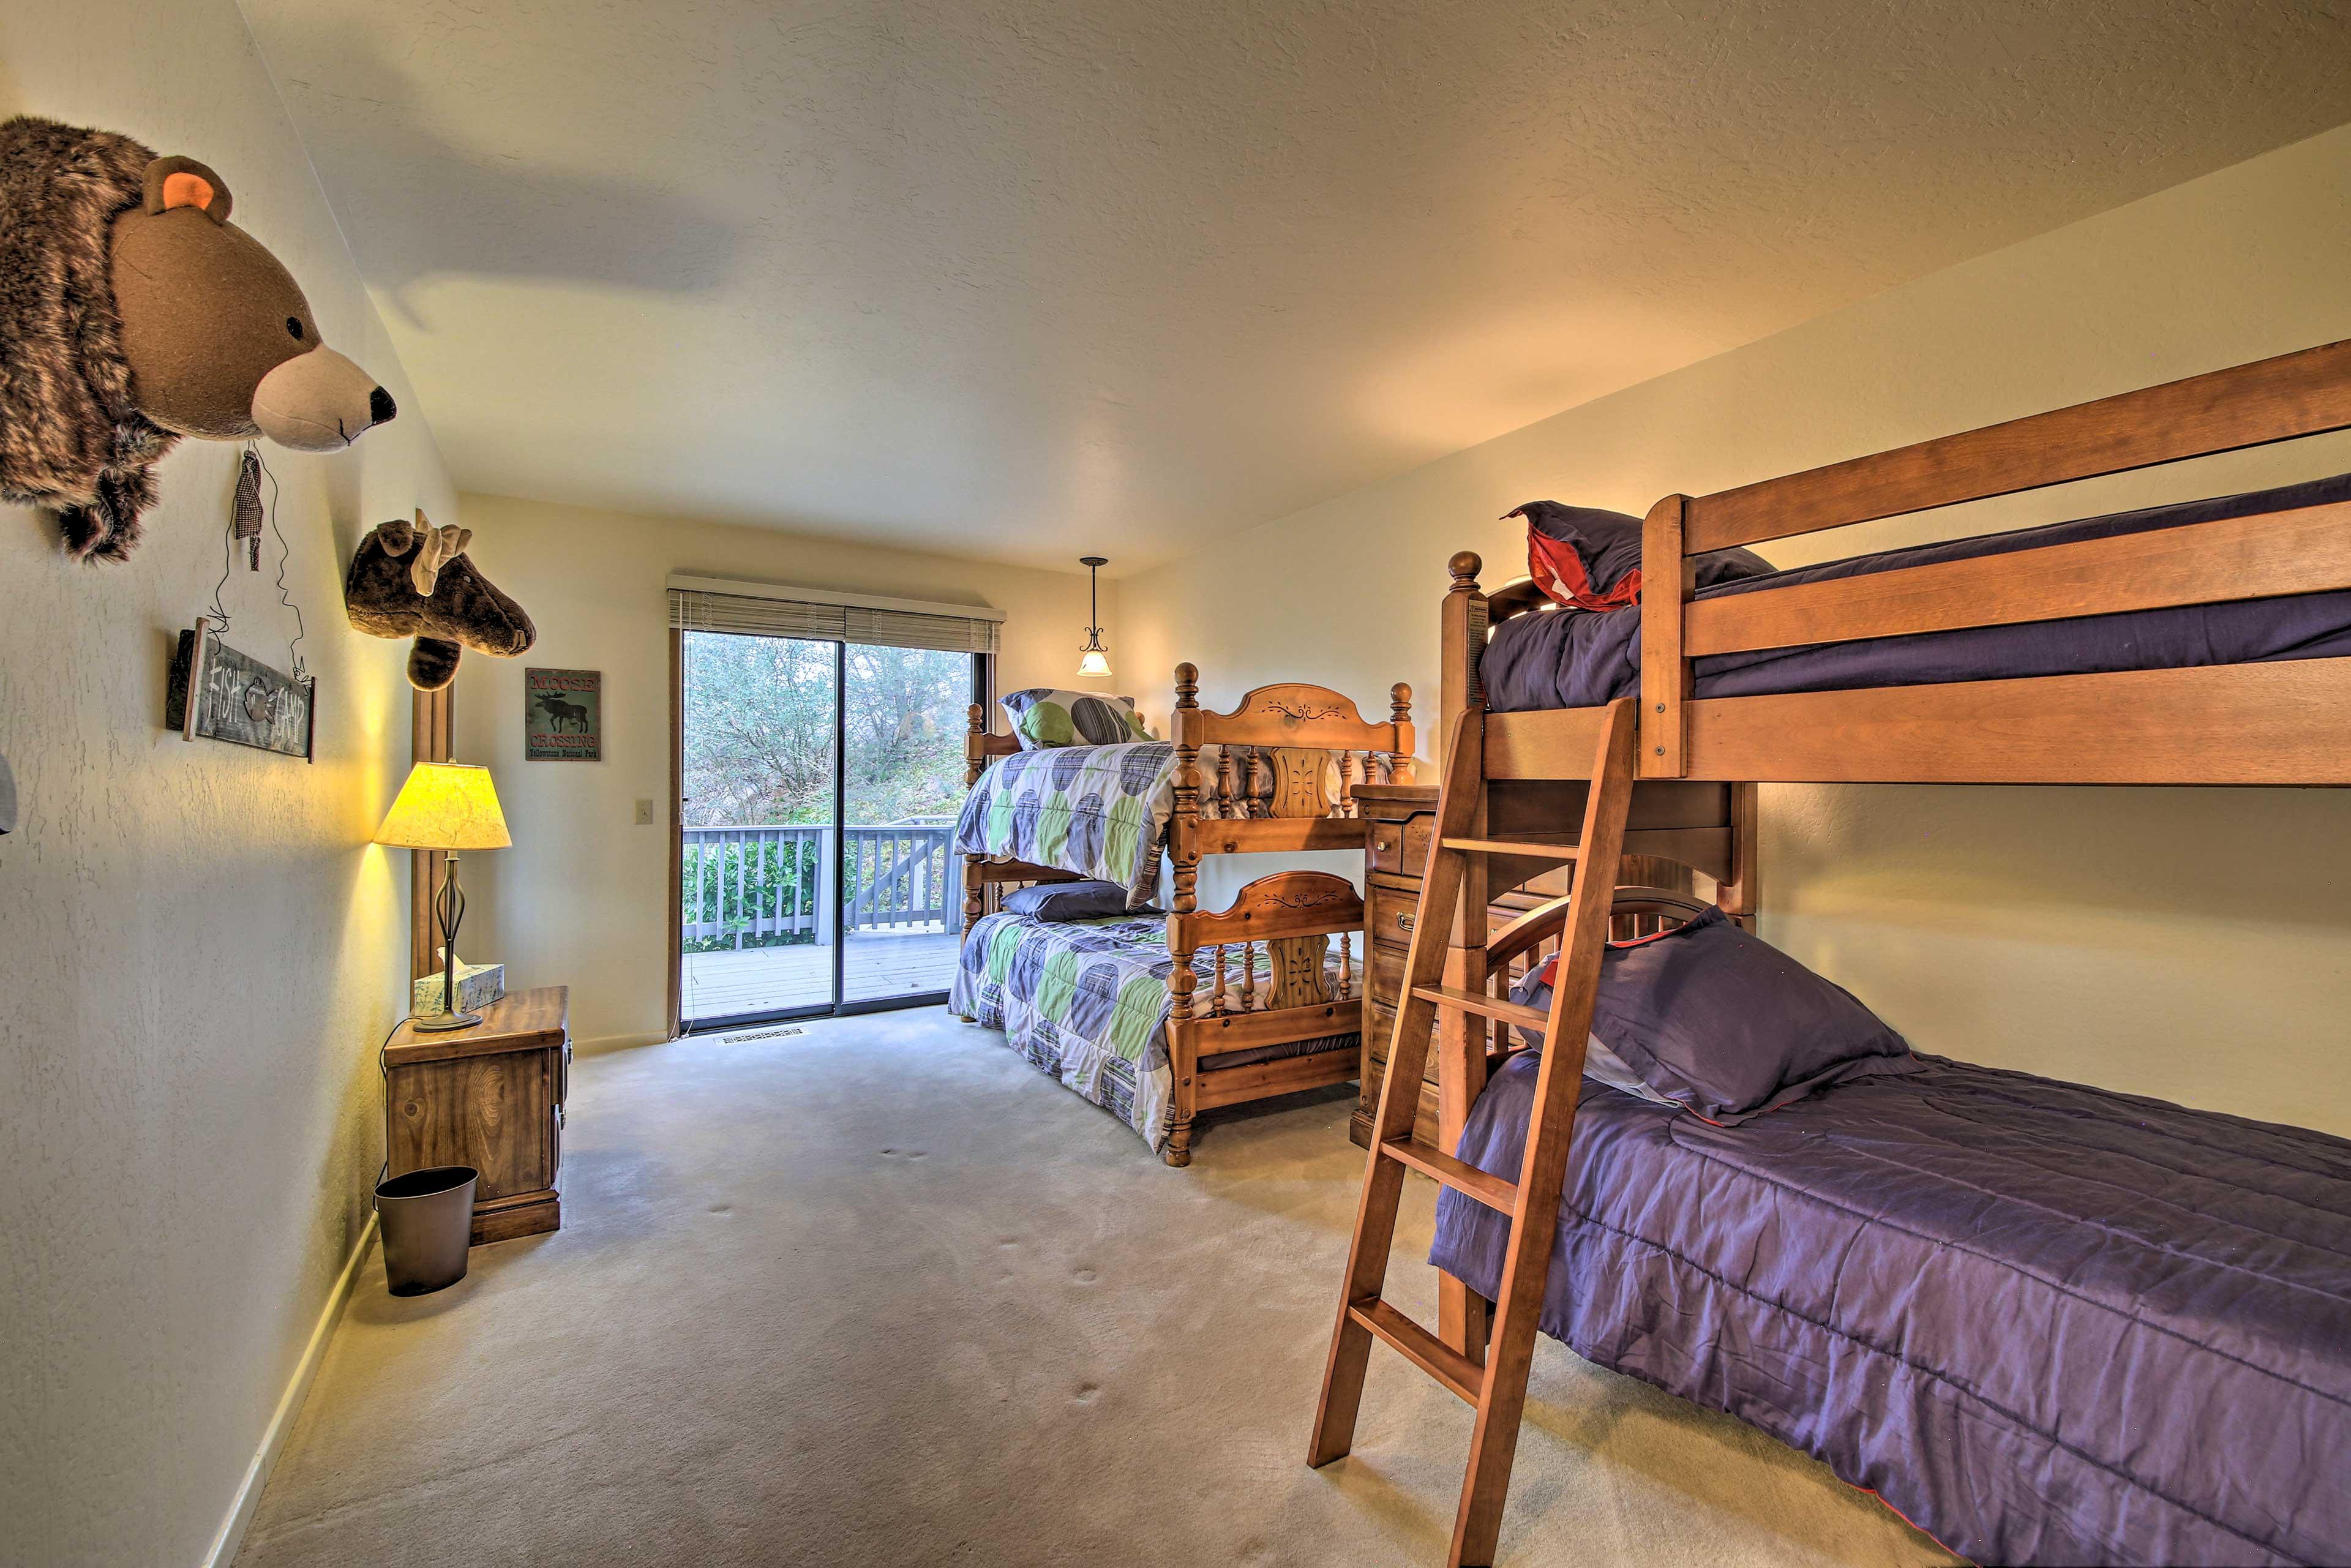 Bedroom 5 features 2 twin bunk beds.